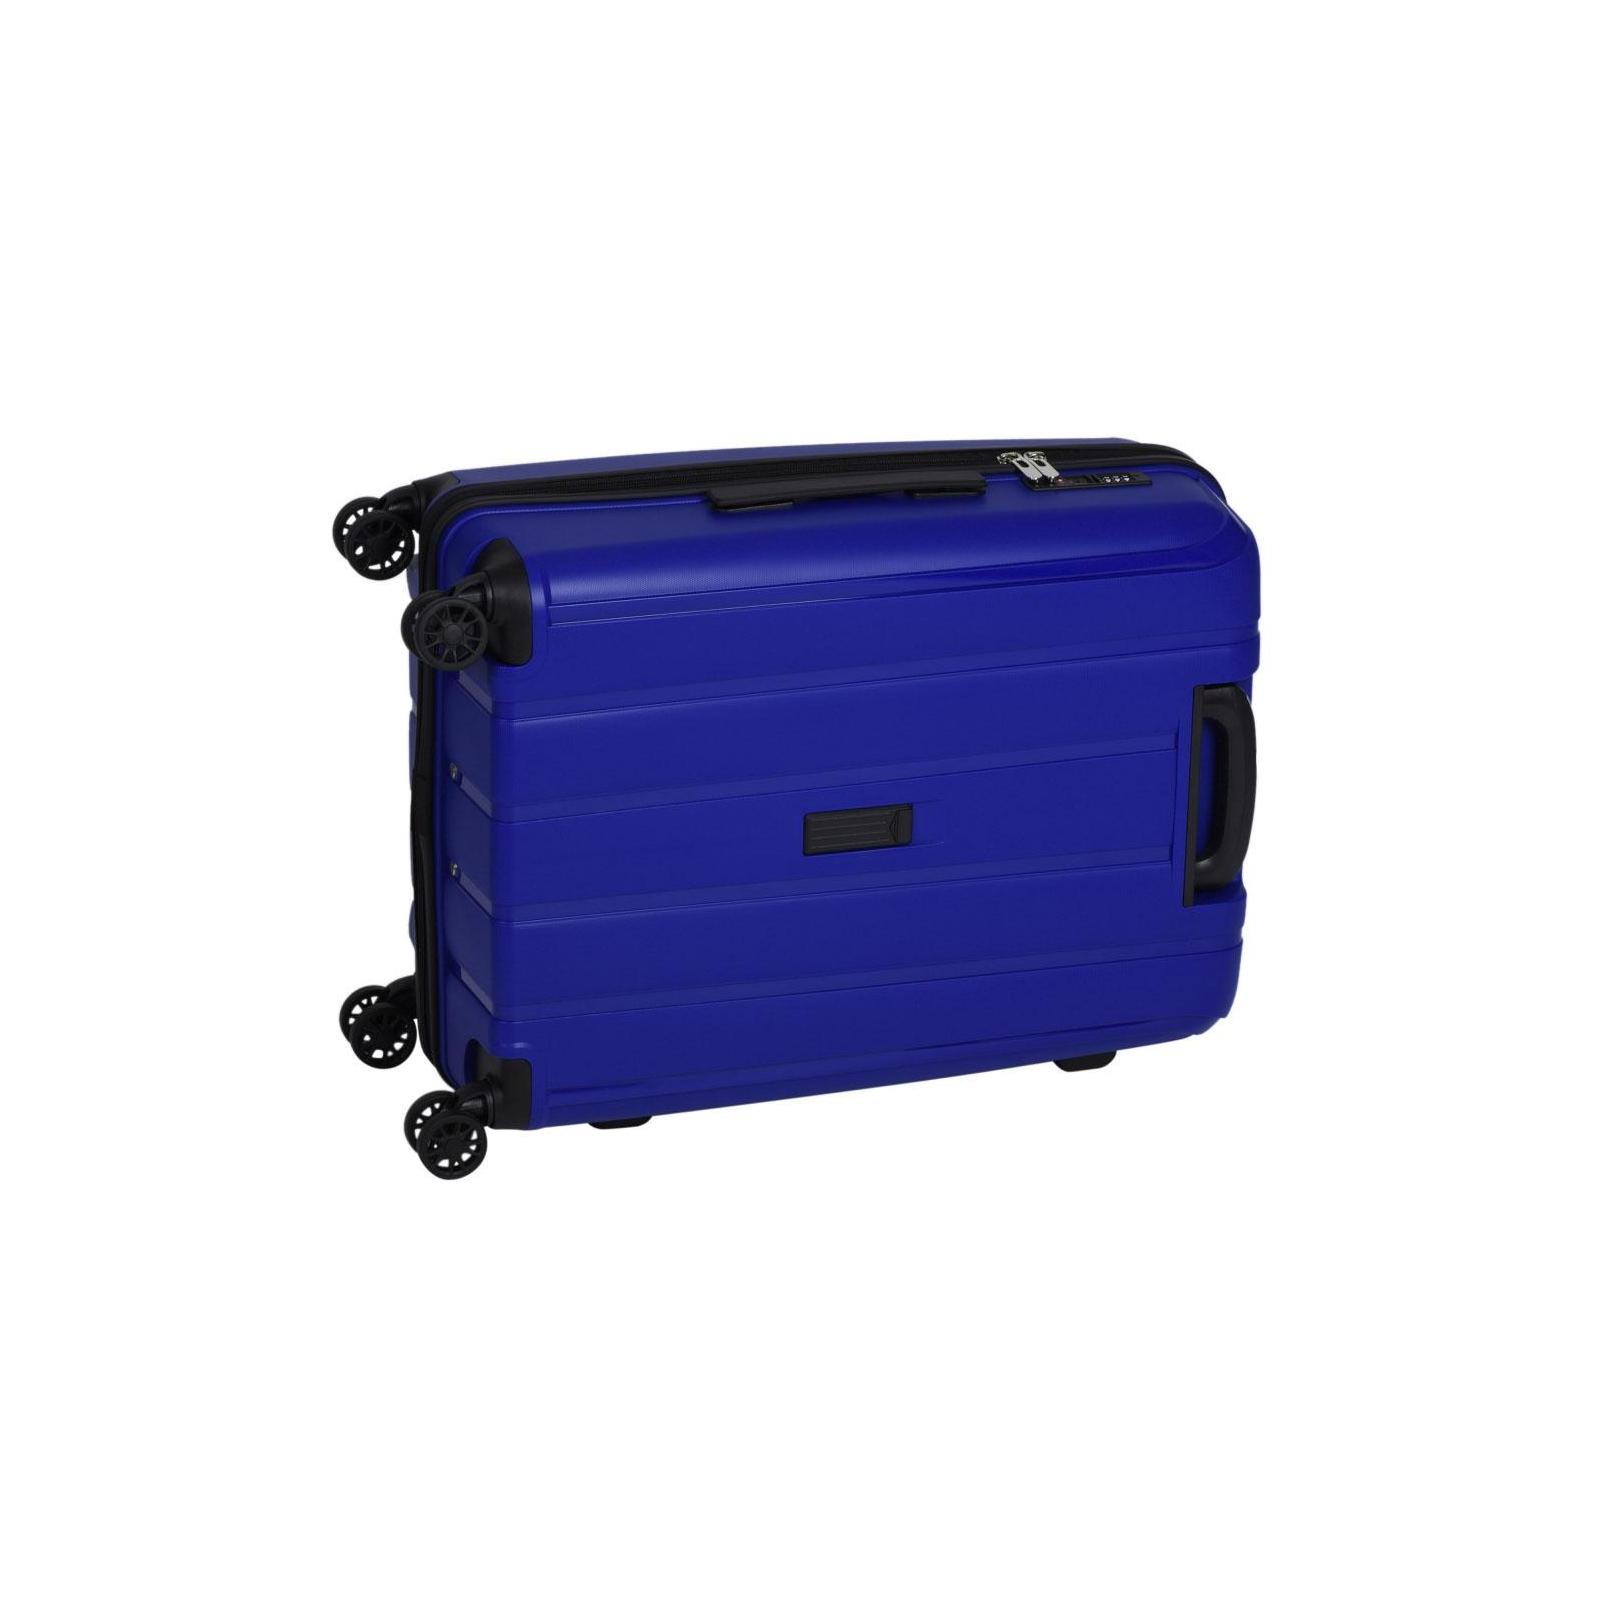 Чемодан 2E Youngster средний синий (2E-SPPY-M-NV) изображение 4